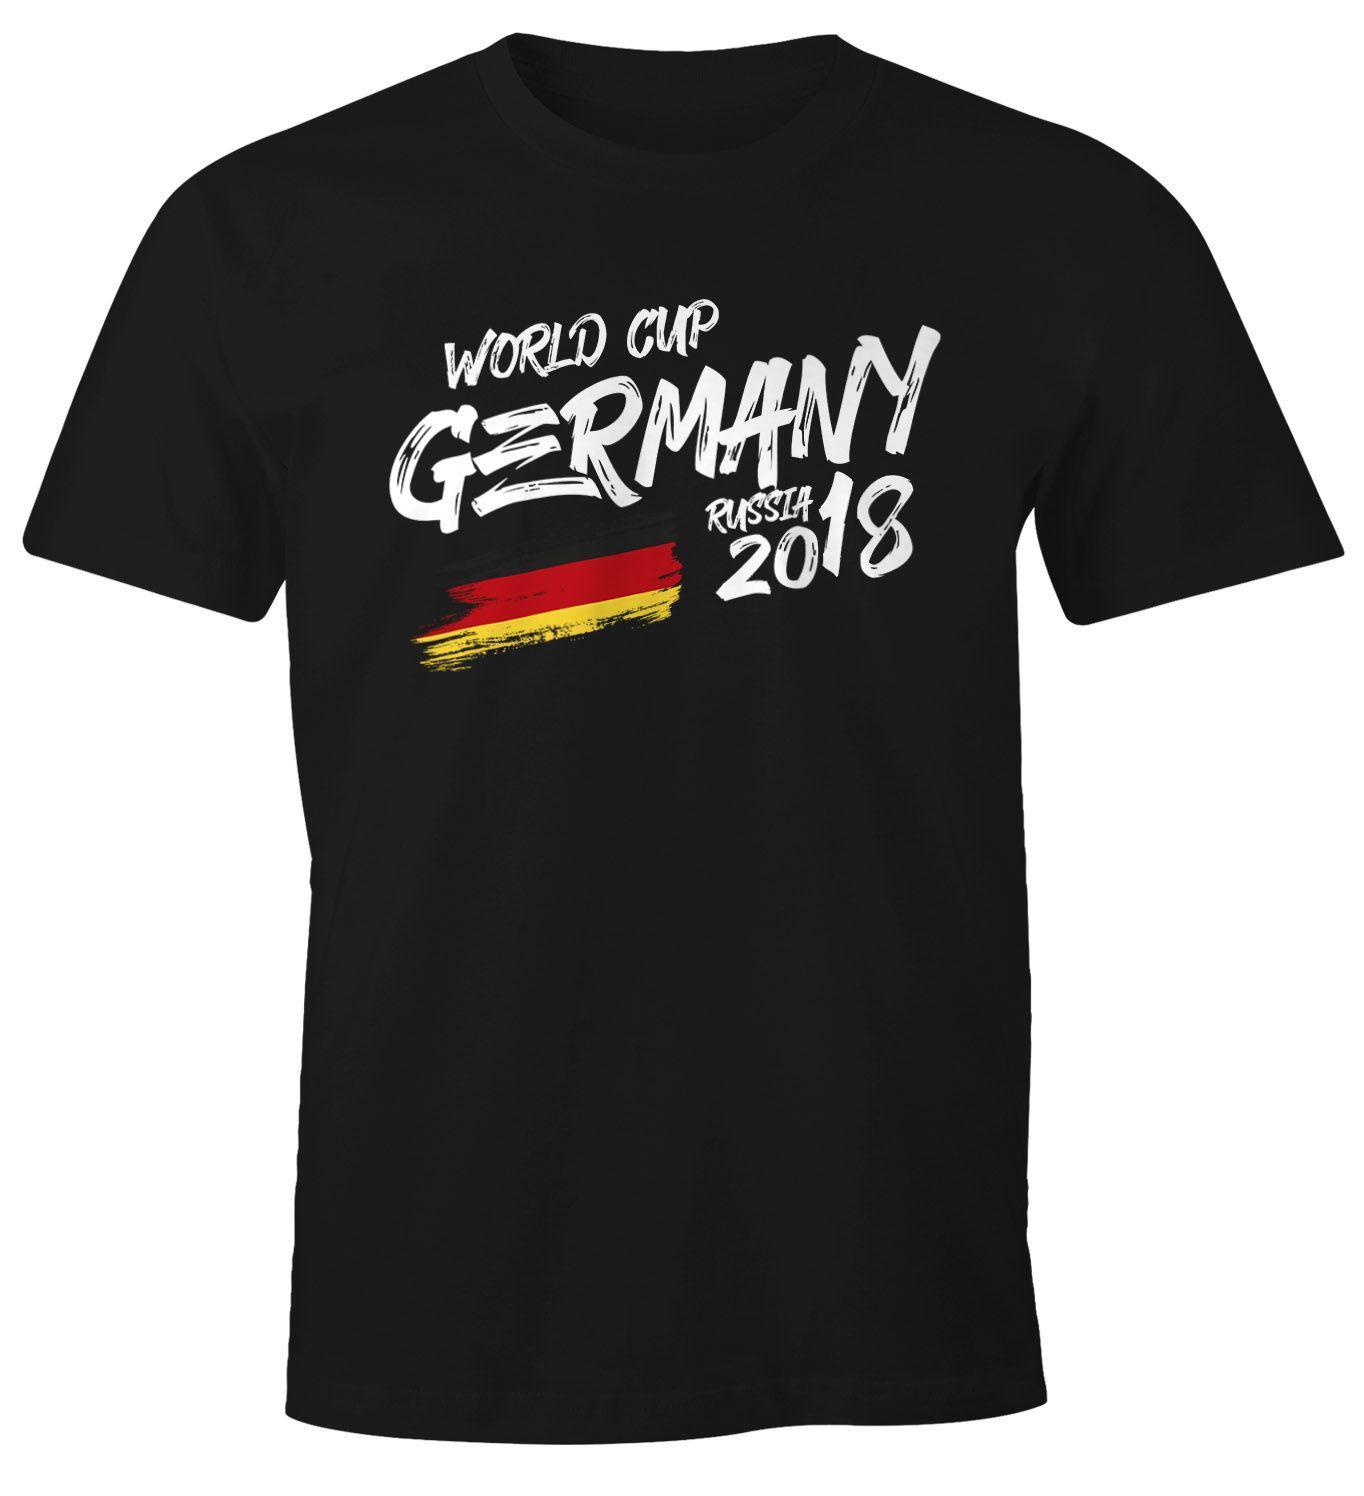 Herren Fan Shirt Deutschland Wm 2018 Fussball Weltmeisterschaft Trikot Flagge T Shirt Fussball Shirt Deutschland Shirt Fan Trikot Deutschland Trikot Moonworks Deutschland Trikot Weltmeisterschaft Fussball Shirt